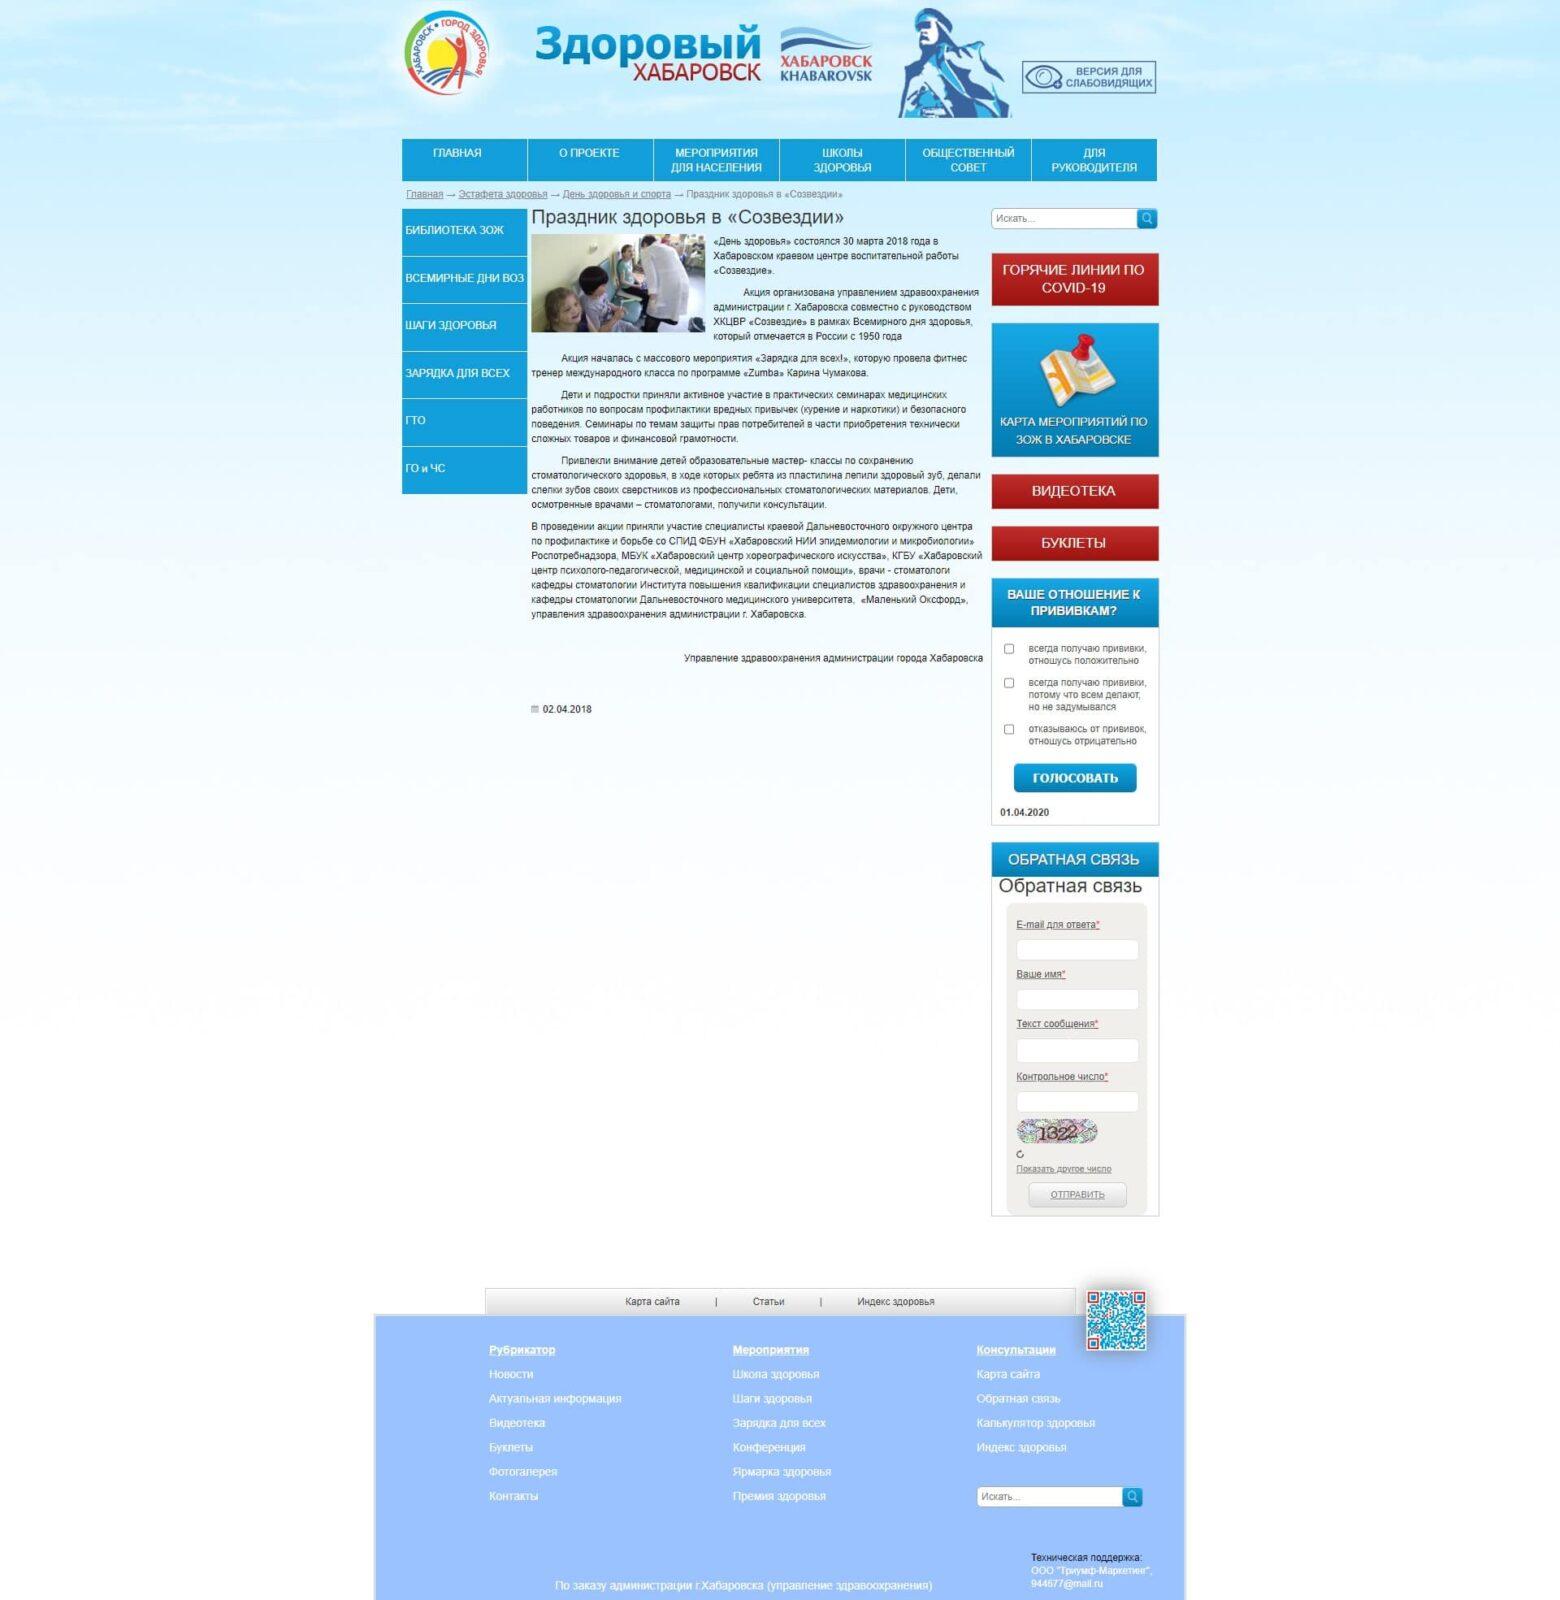 Старая версия сайта Здоровый Хабаровск